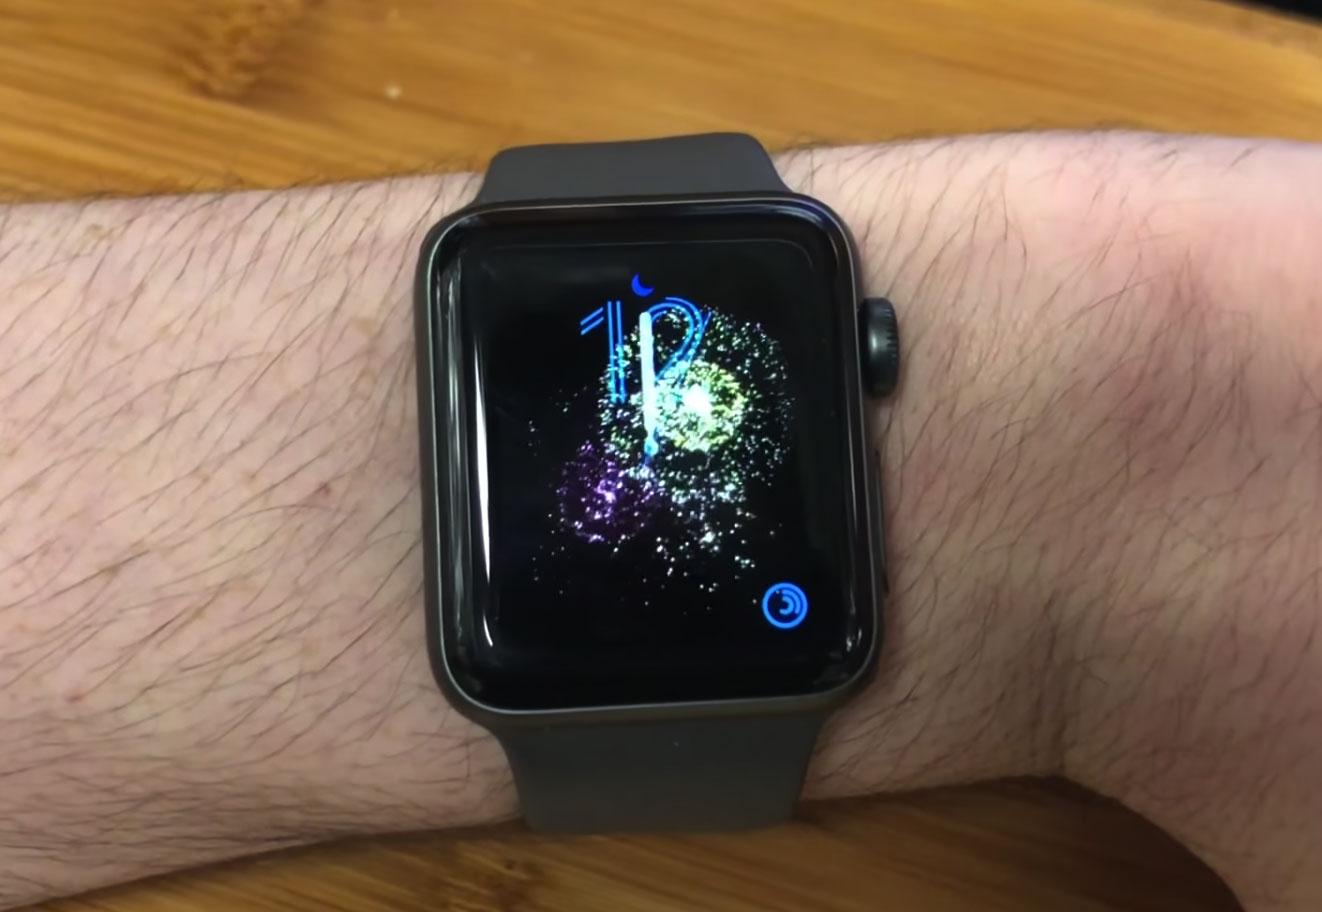 Fuegos artificiales en el Apple Watch